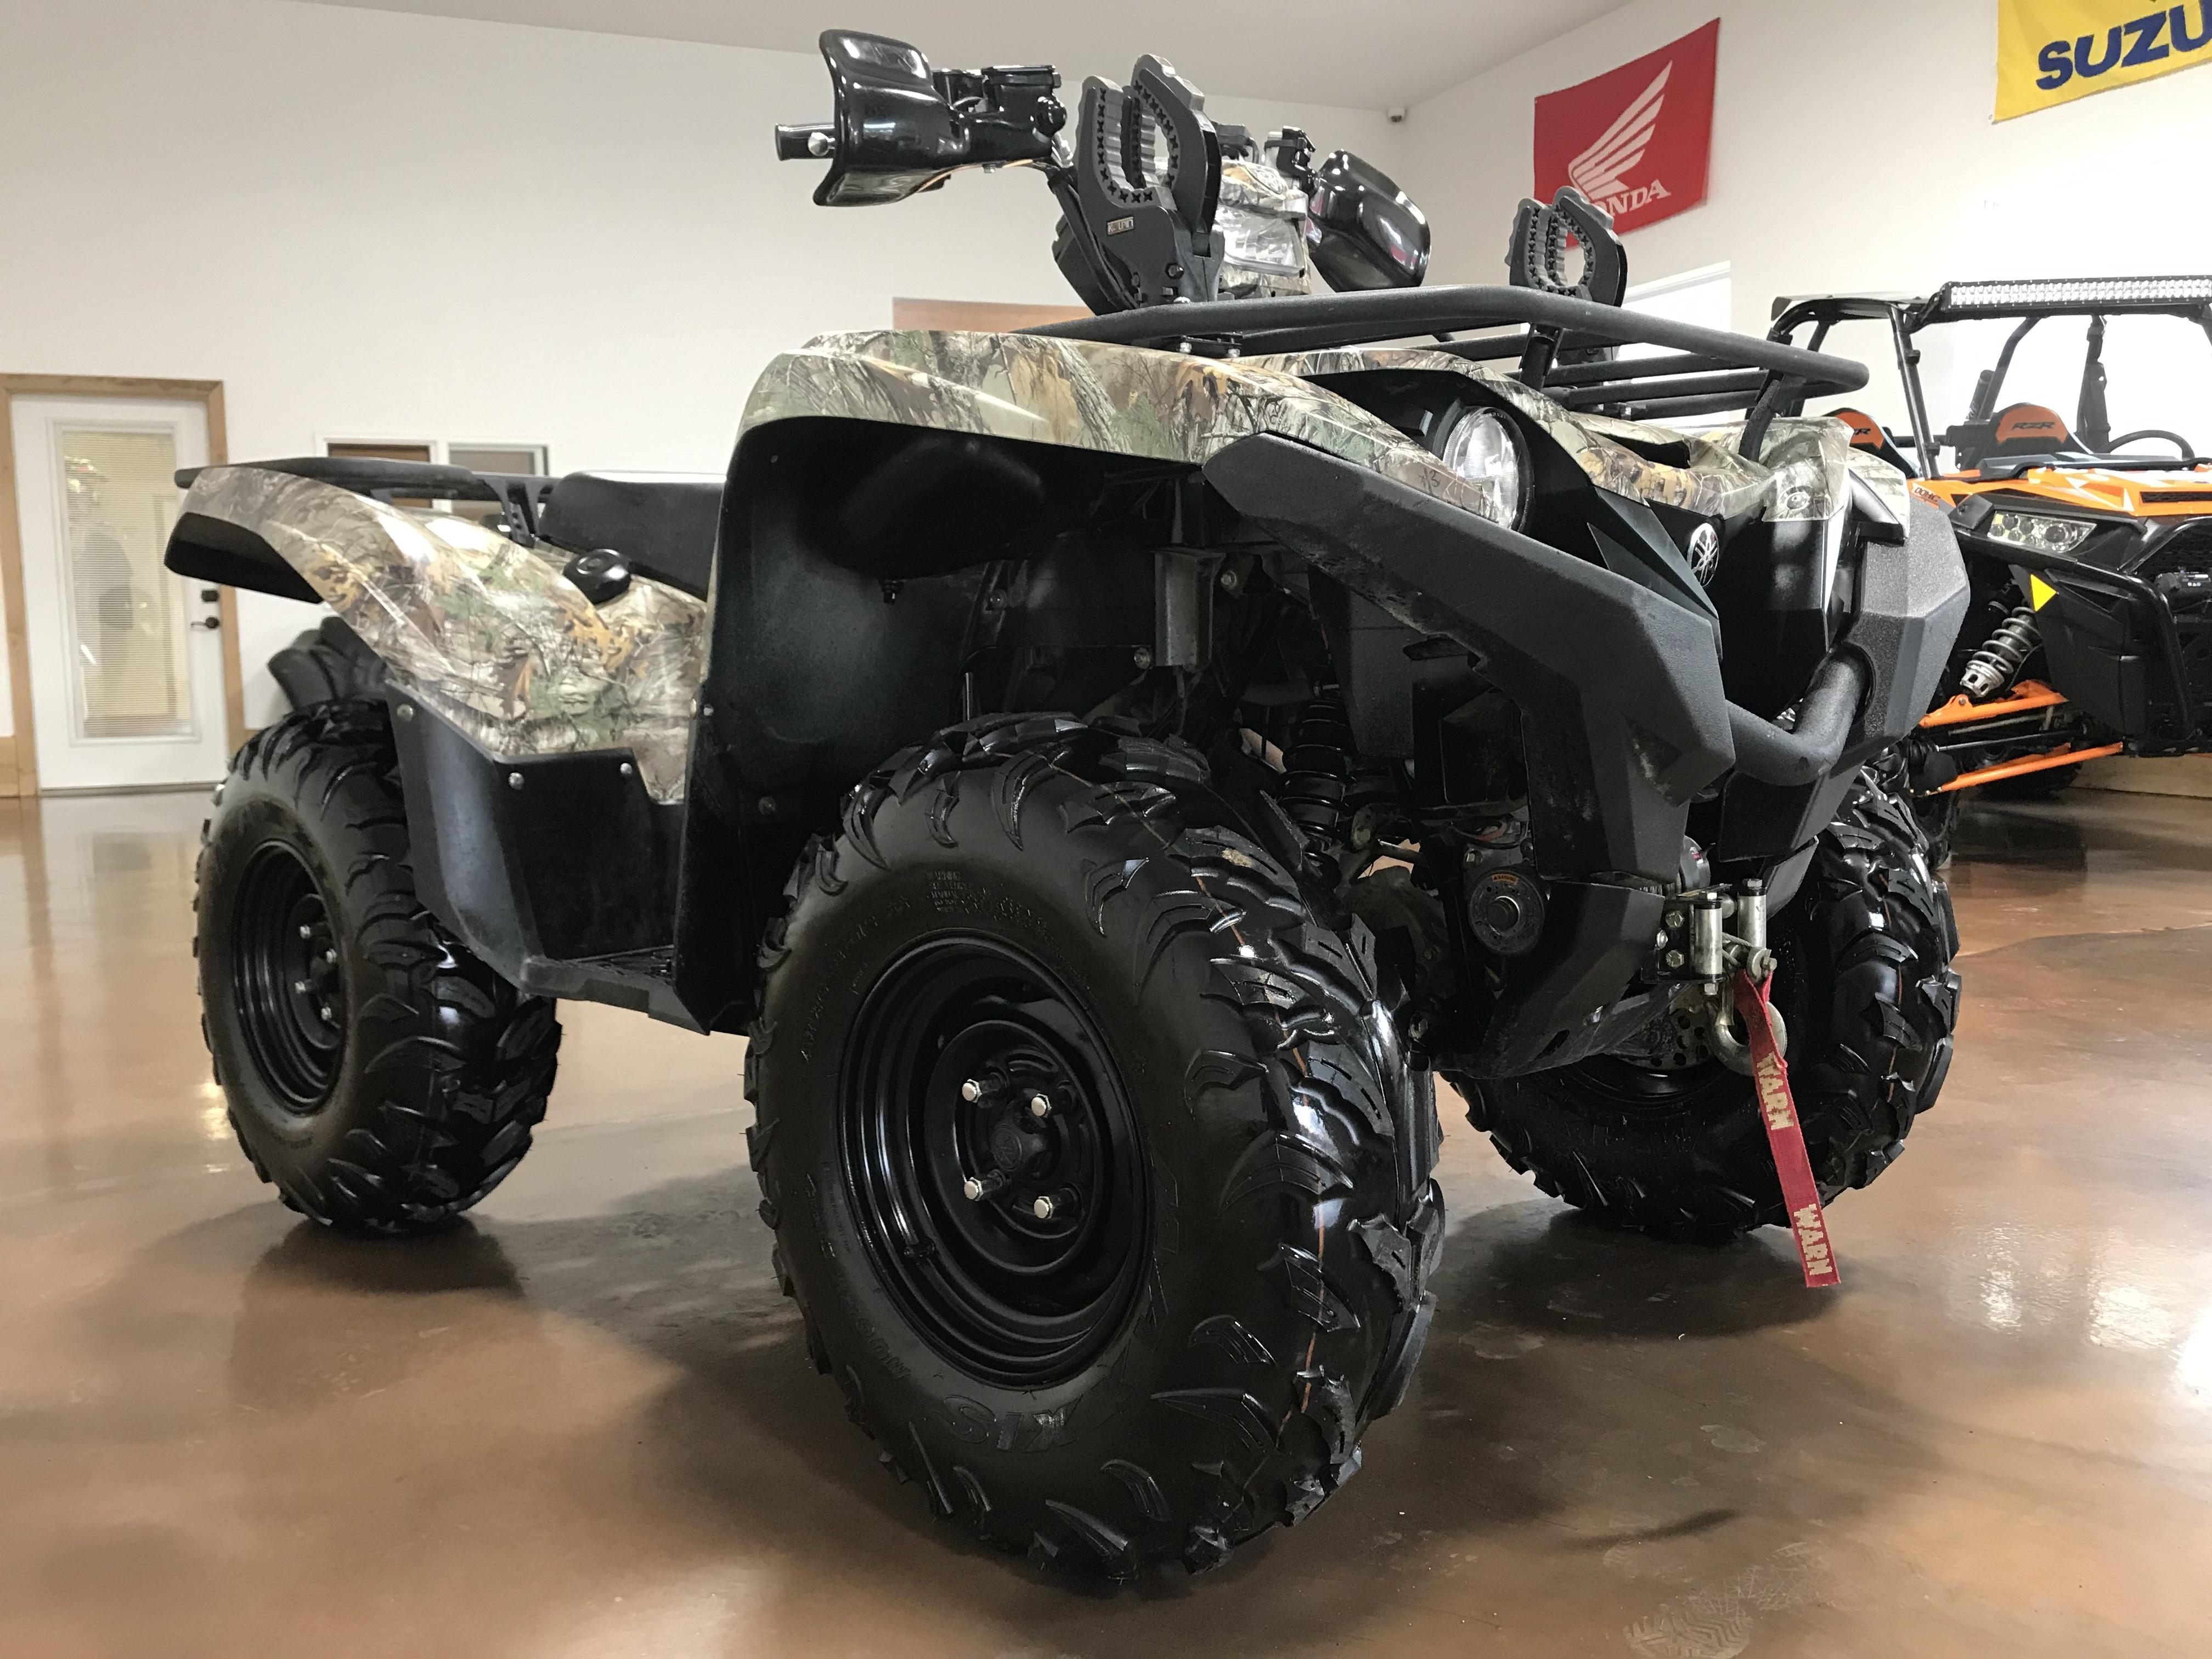 2016 Yamaha Grizzly 700 EFI